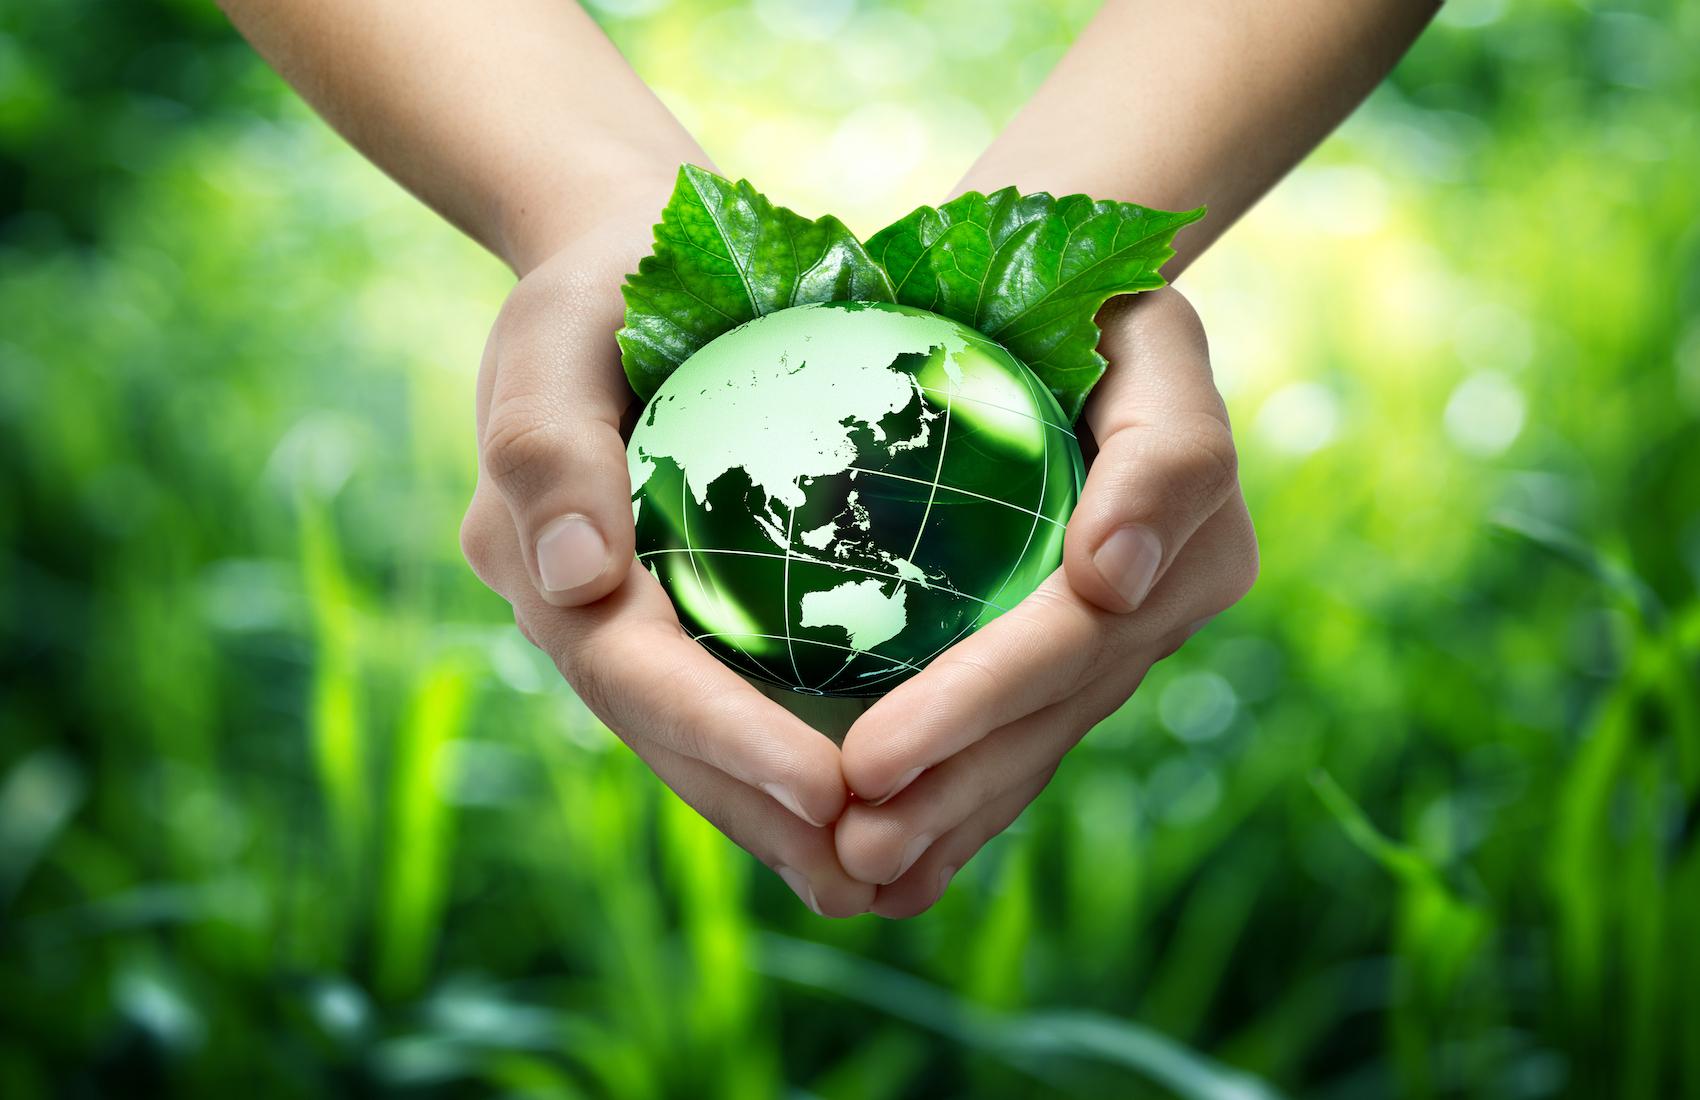 Realidad Virtual Y Sustentabilidad 4 | Virtual Reality And Sustainability 4